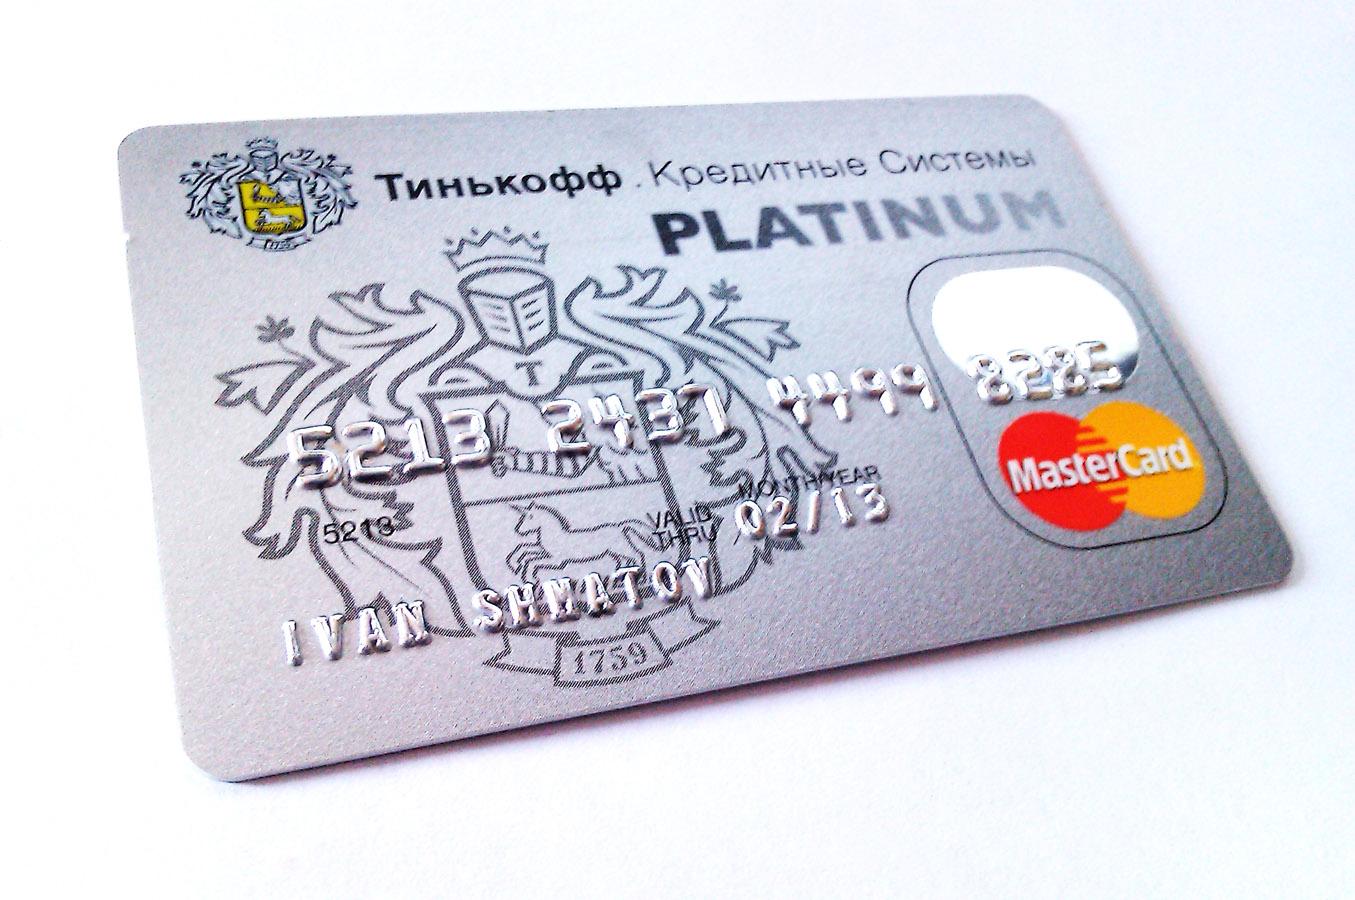 Как погасить кредитную карту Тинькофф